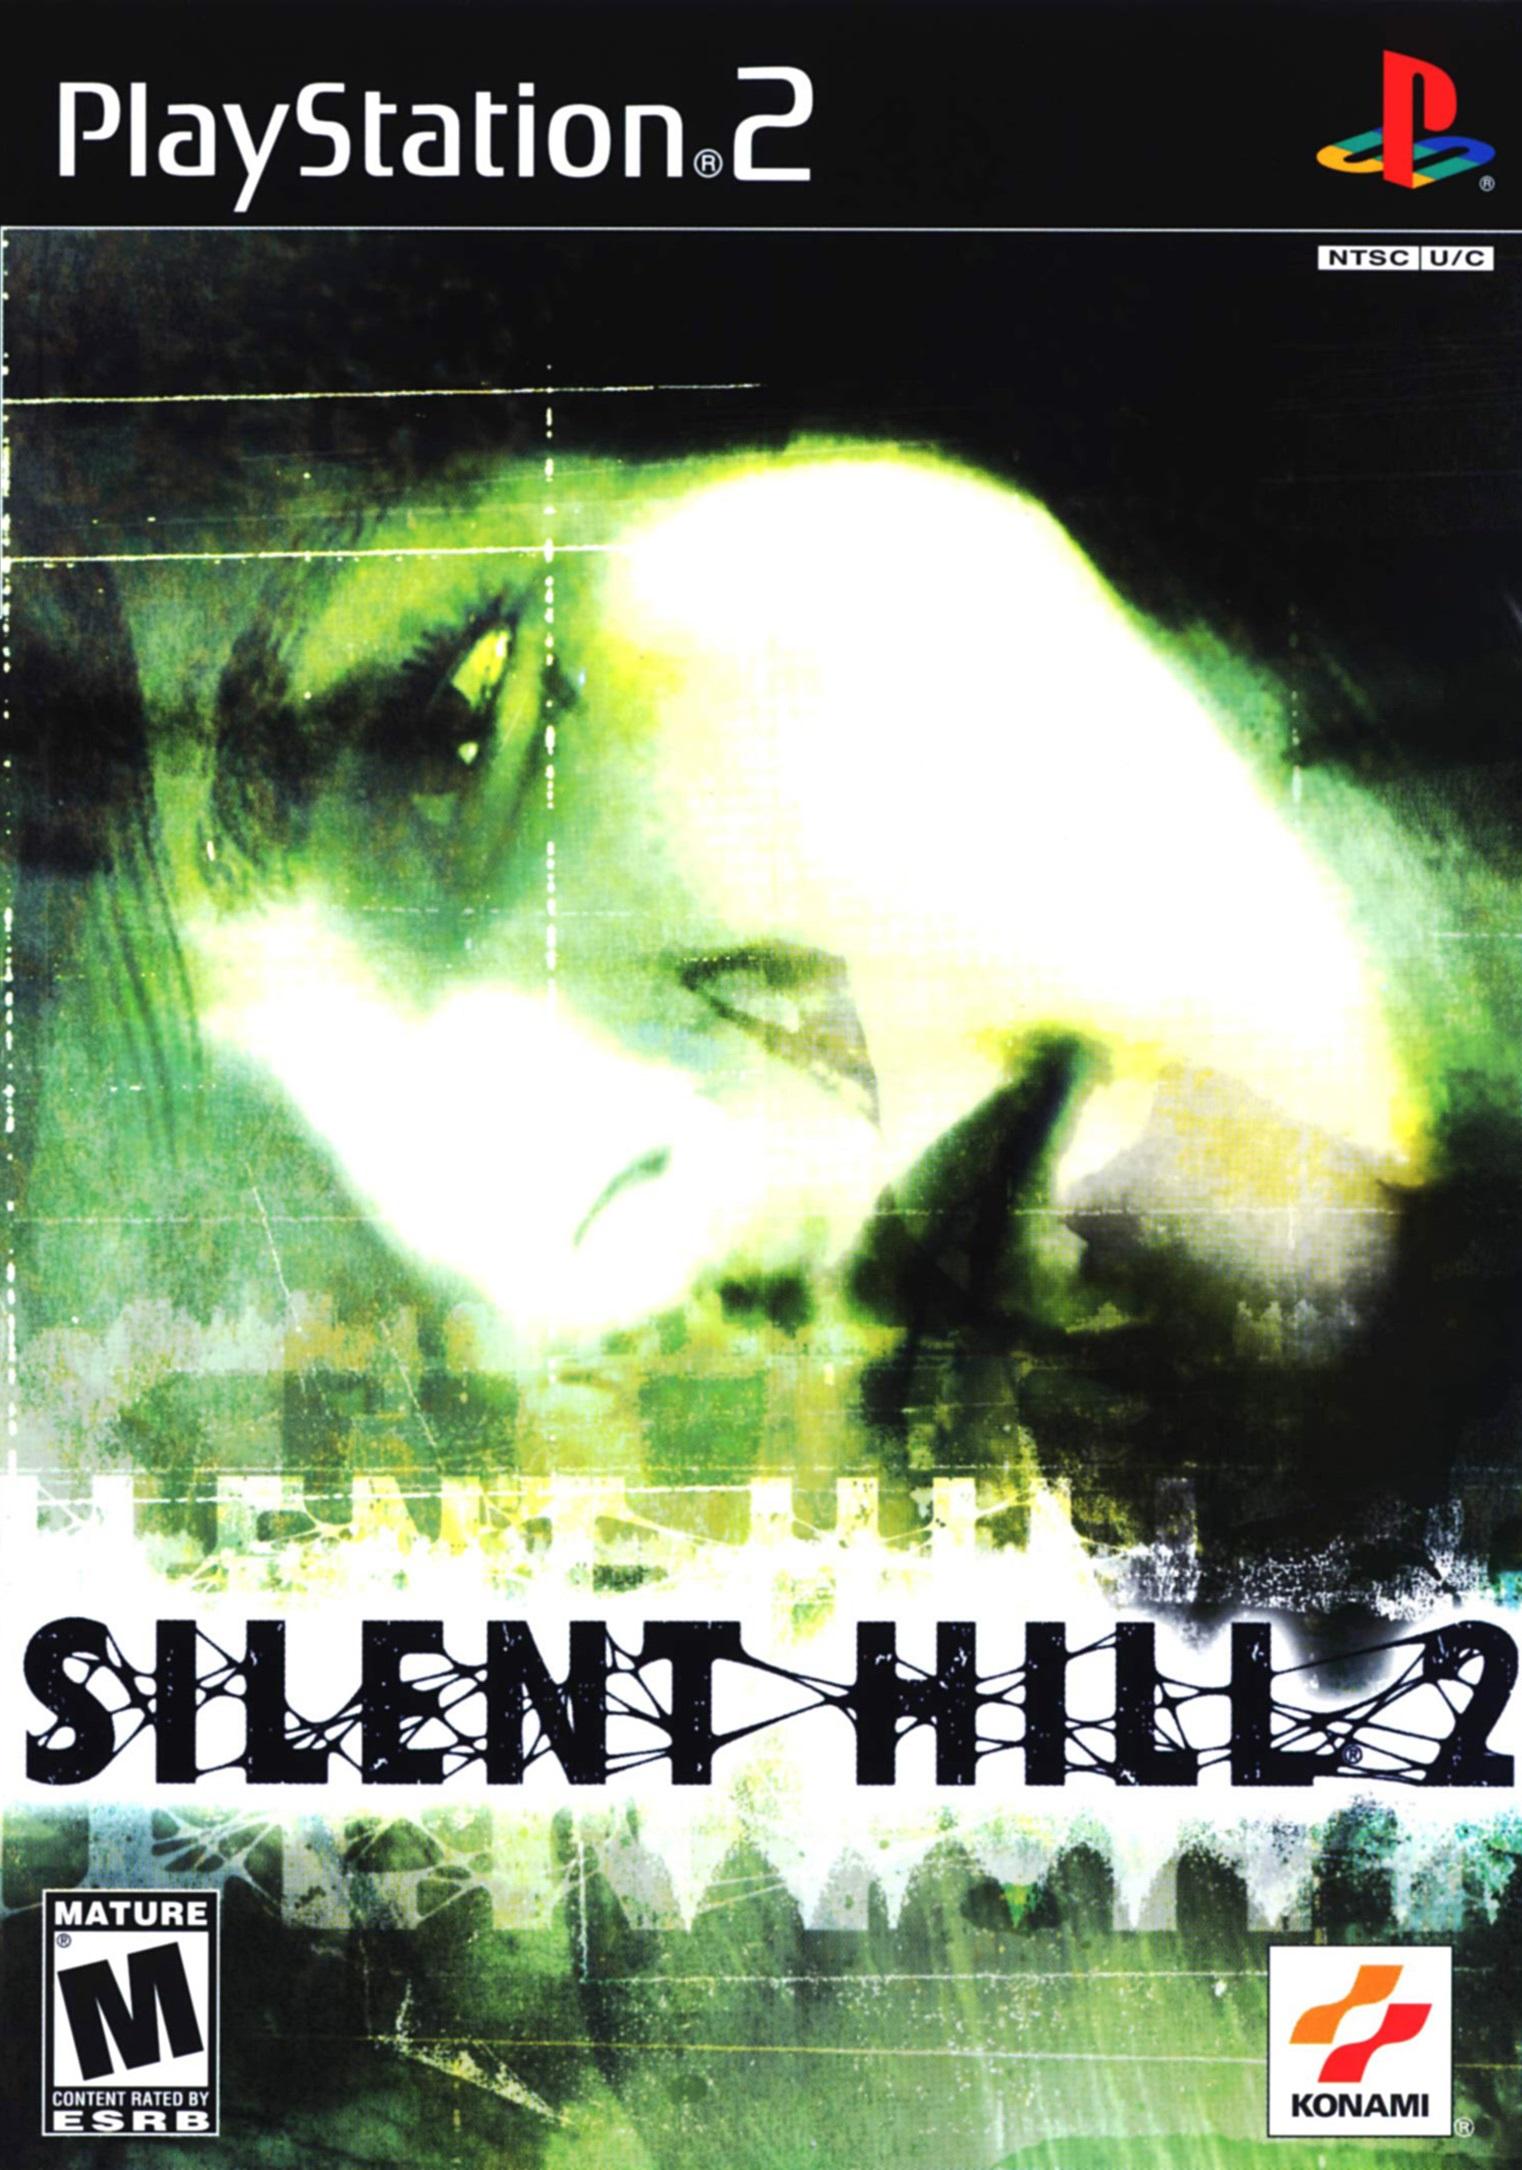 jaquette du jeu vidéo Silent Hill 2